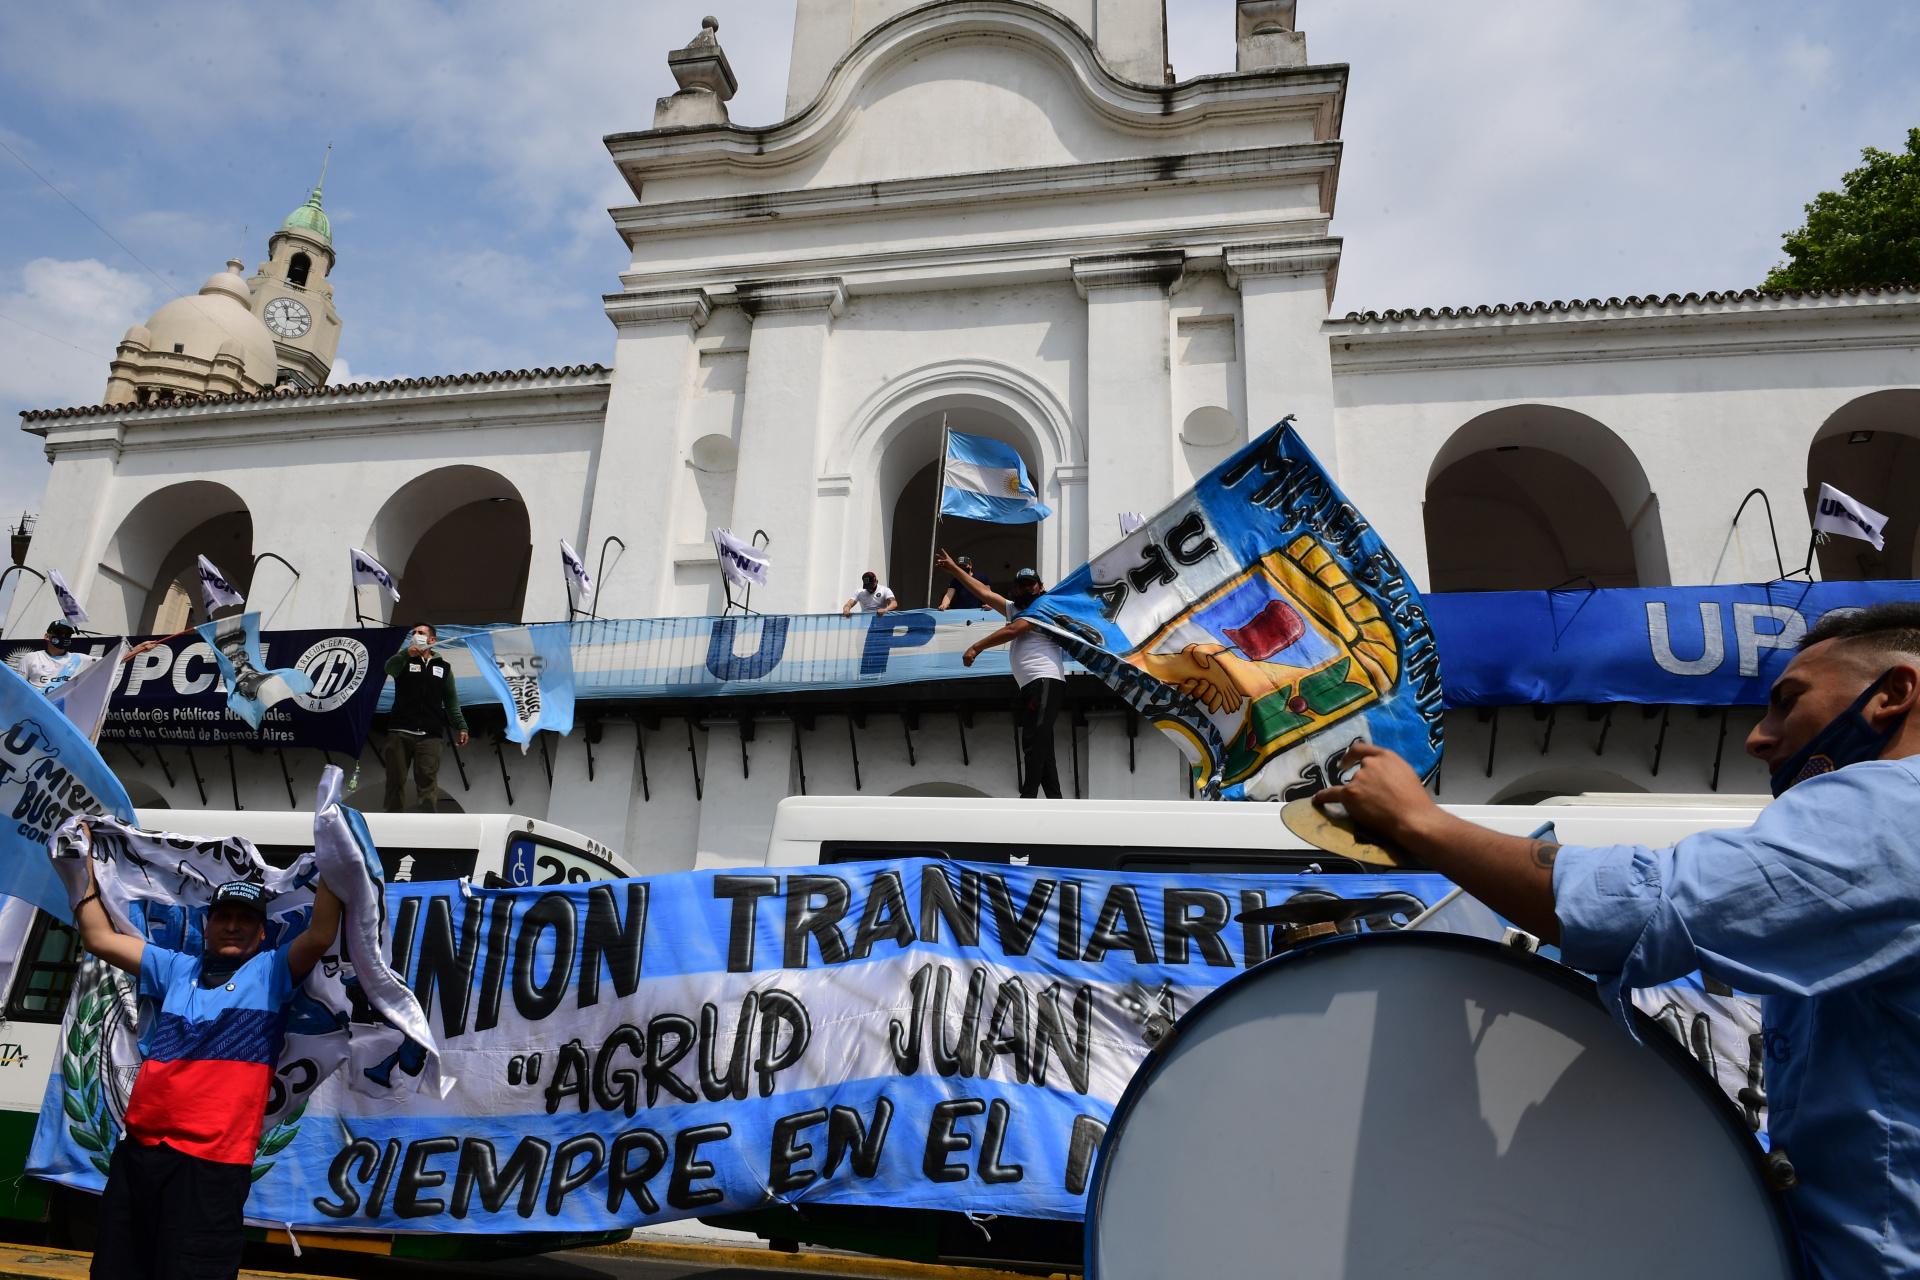 Tras marchar hacia el Obelisco, los manifestantes se dirigieron hacia la Plaza de Mayo y pasaron por la puerta del Cabildo